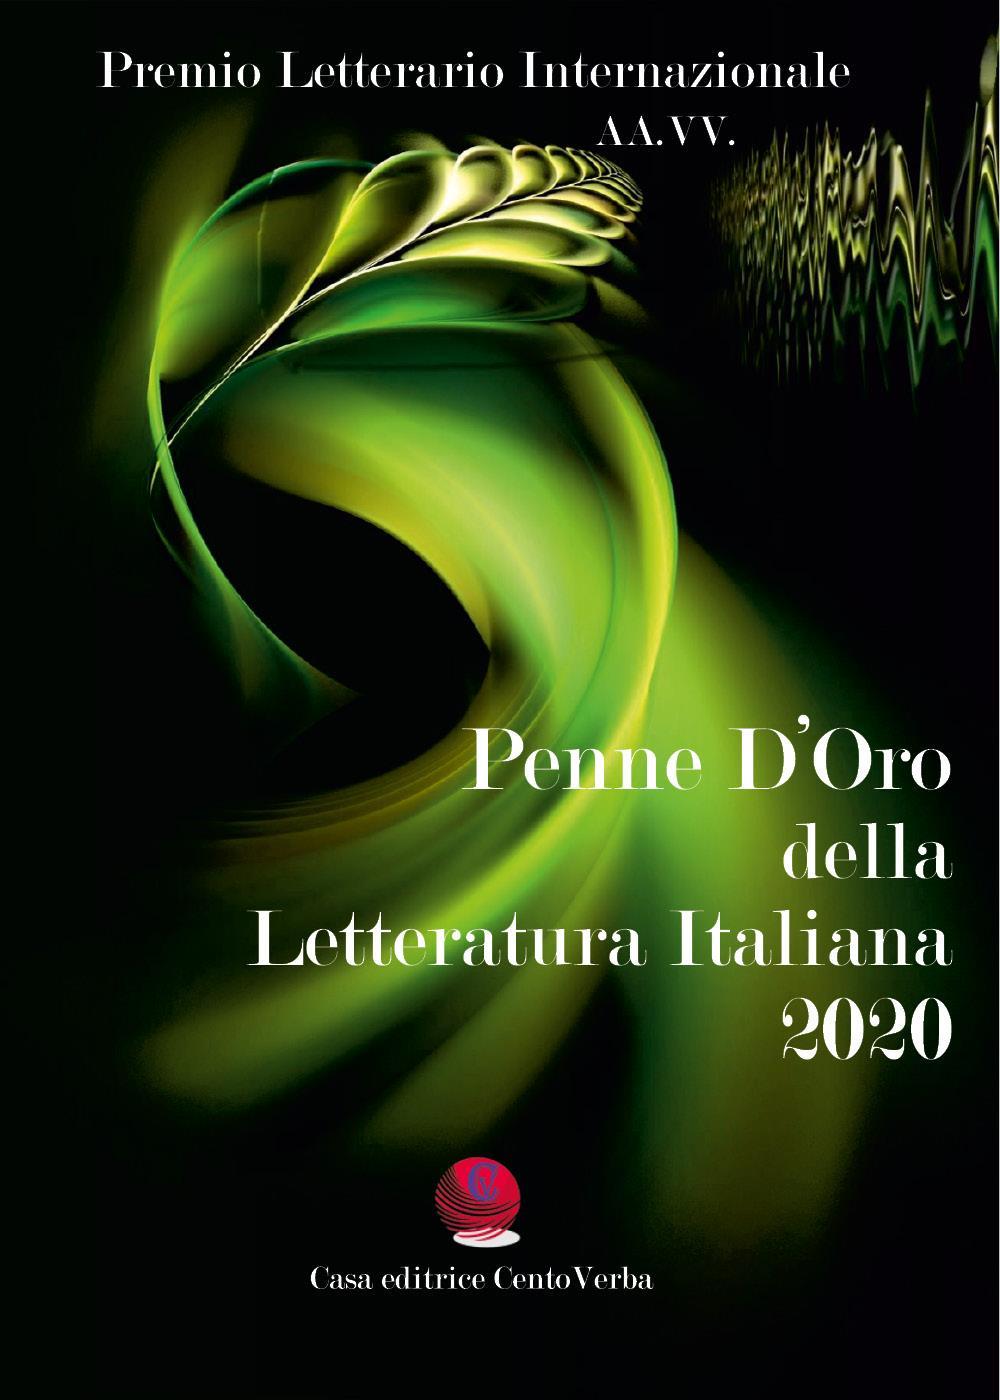 Penne D'oro della Letteratura Italiana 2020